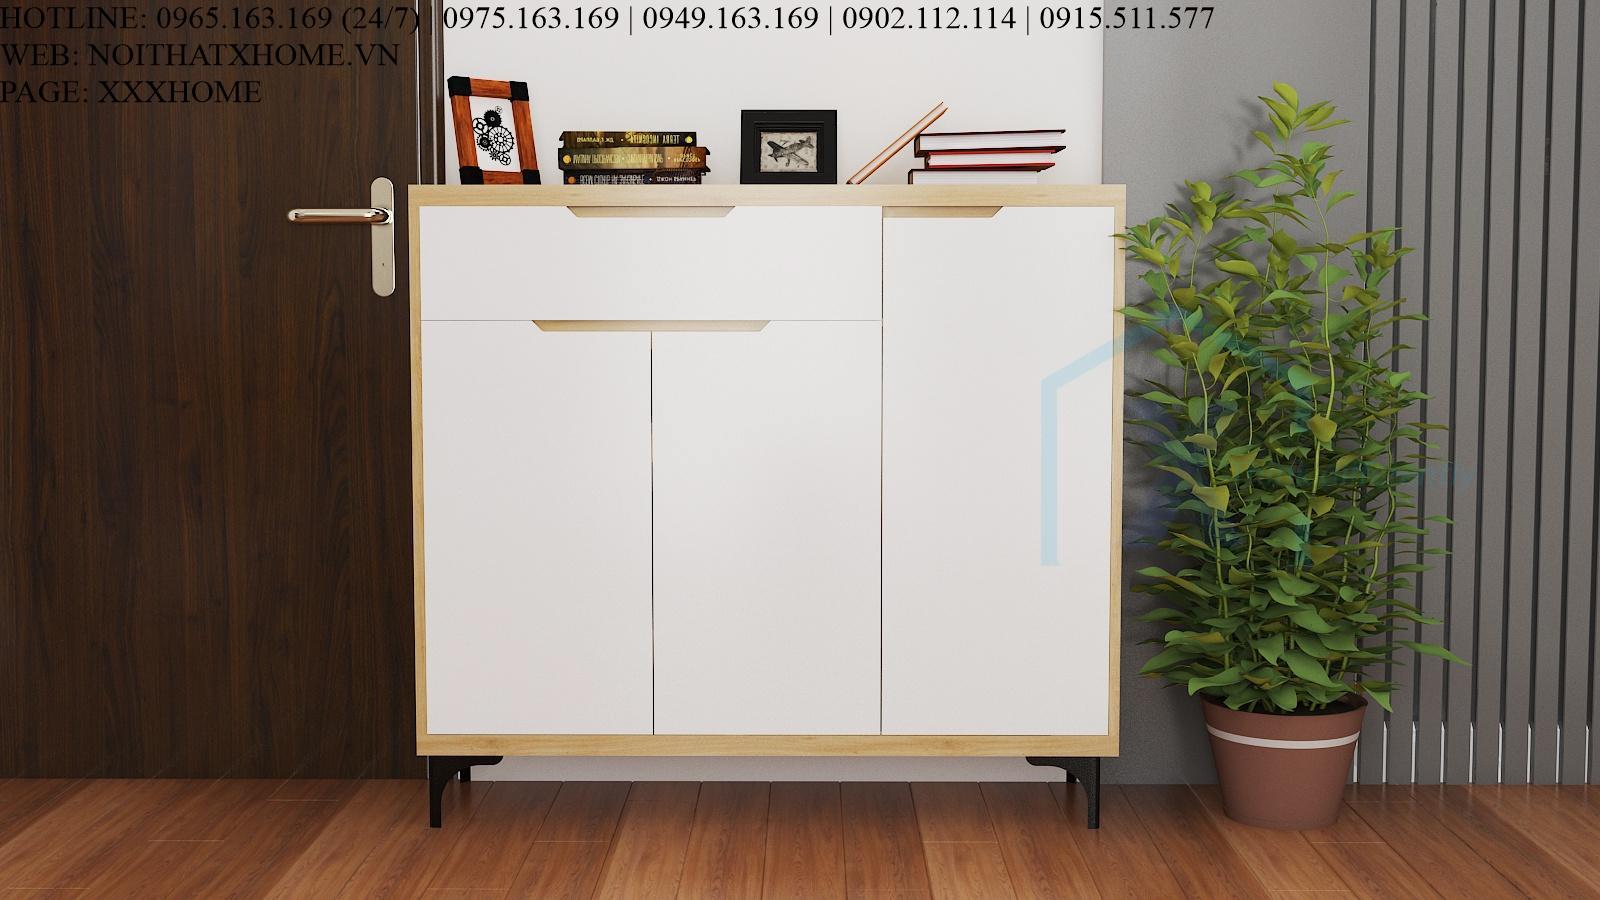 TỦ GIÀY GỖ CÔNG NGHIỆP X HOME HÀ NỘI TG6808 1